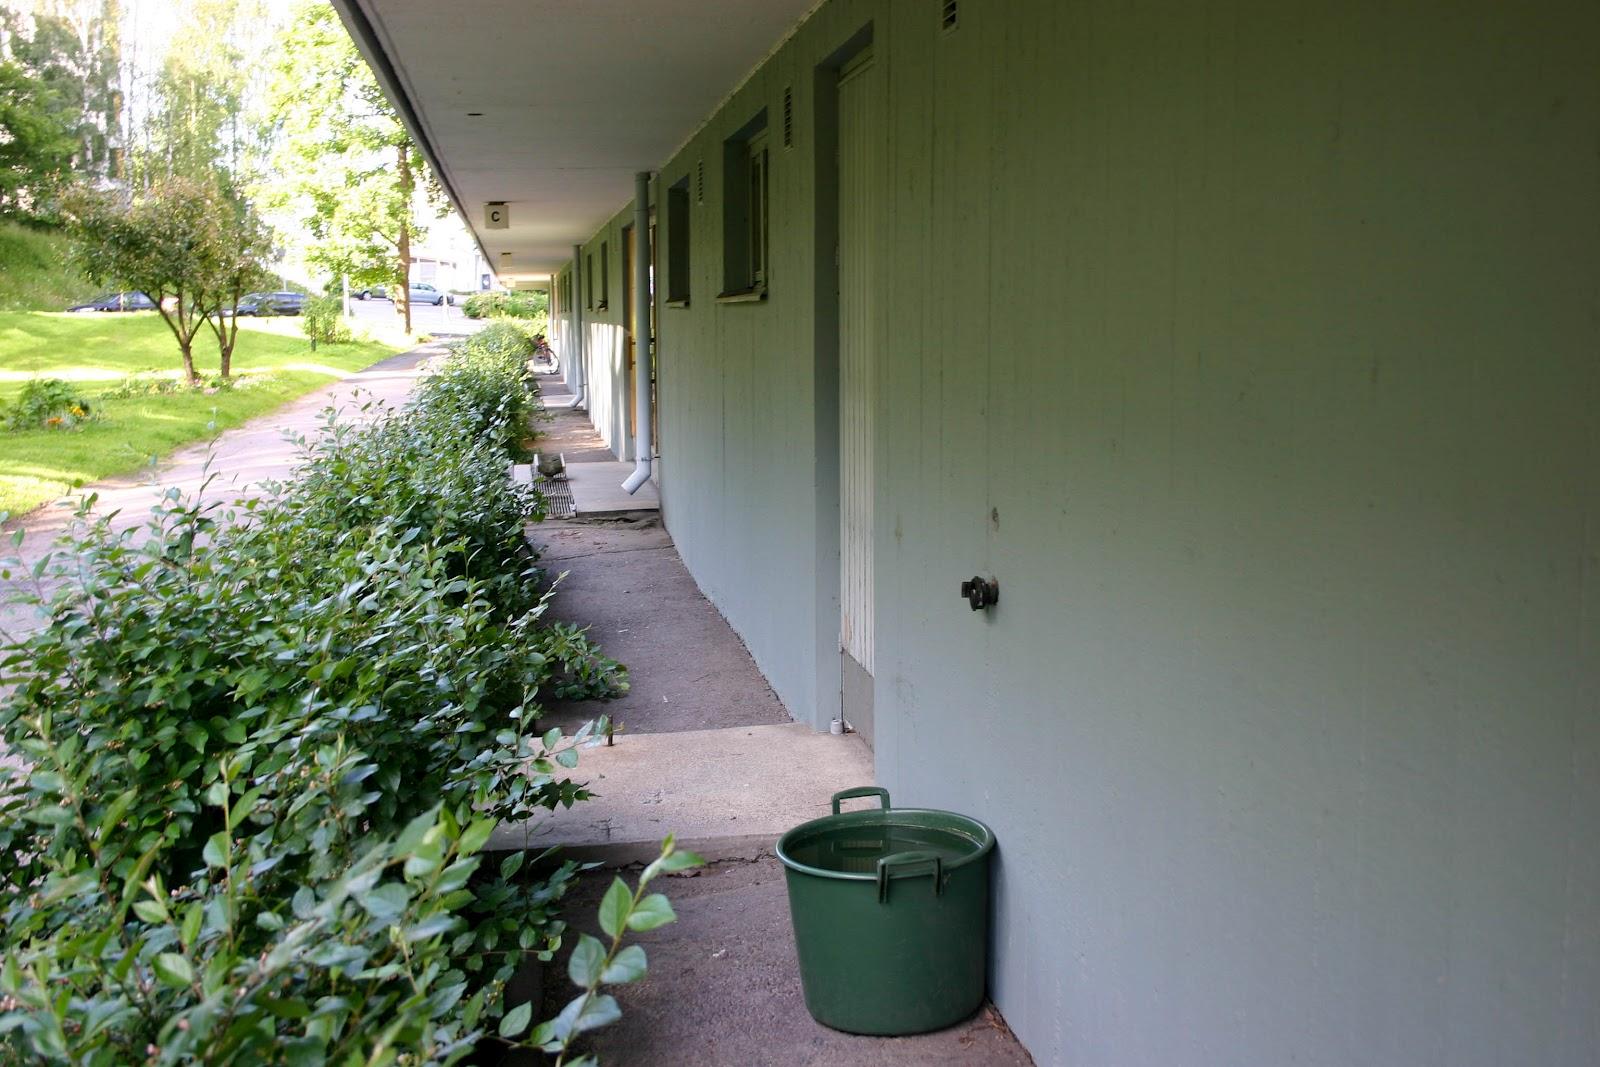 Pysäköinti talon seinustalla